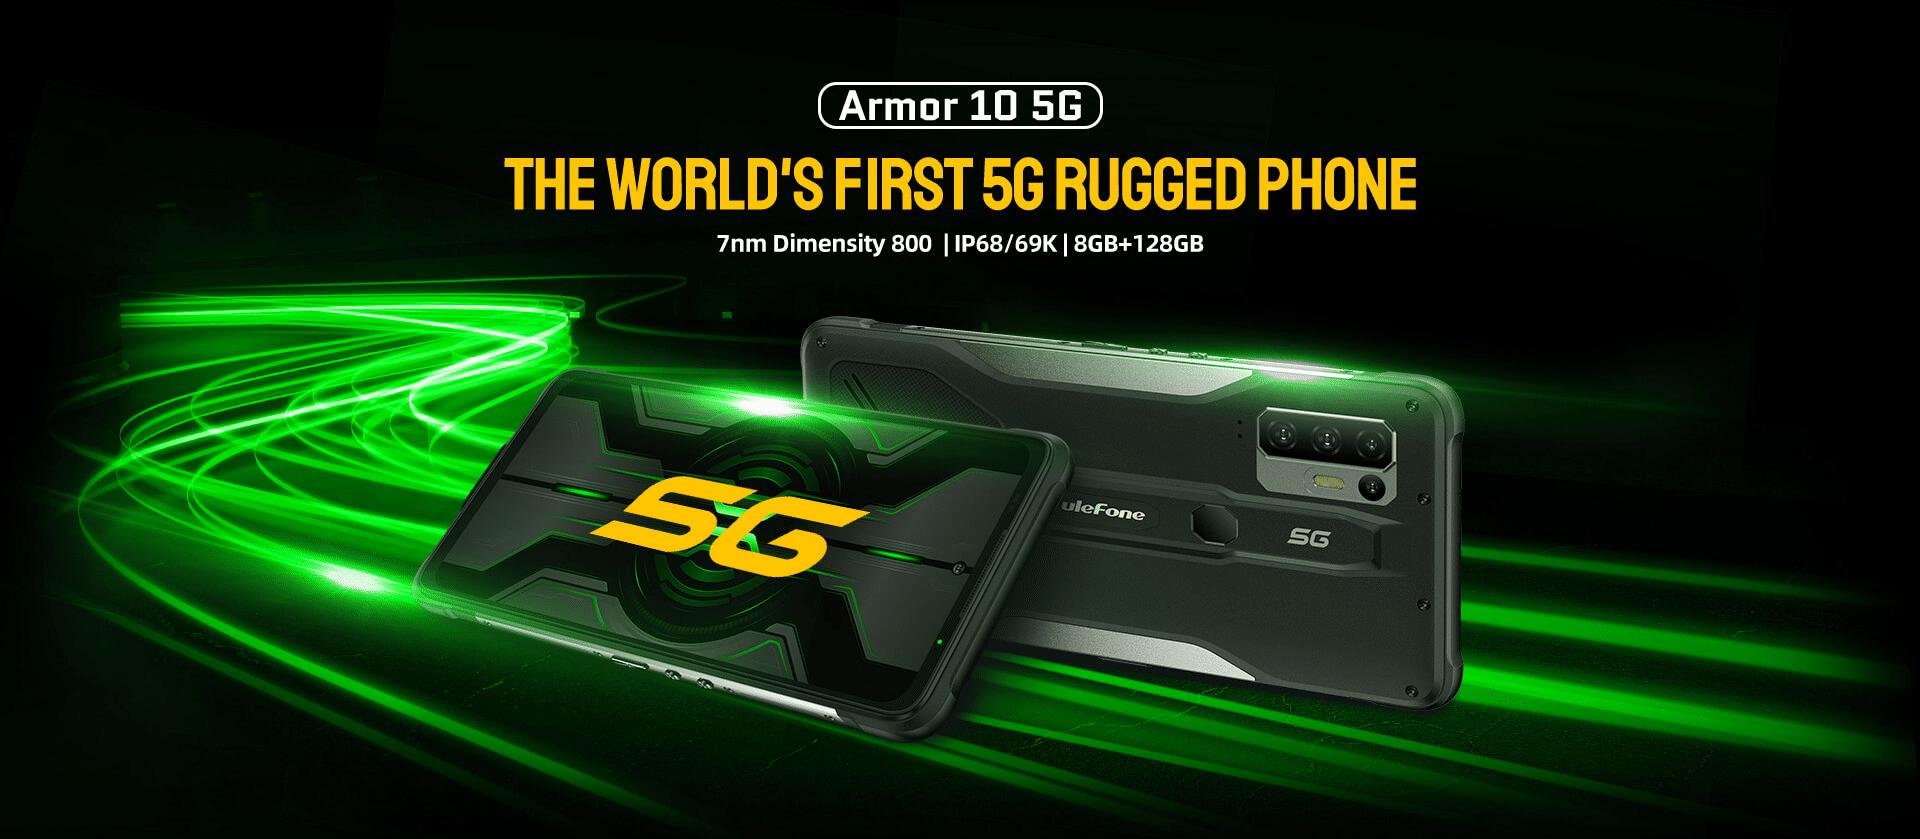 Ulefone Armor 10 5G